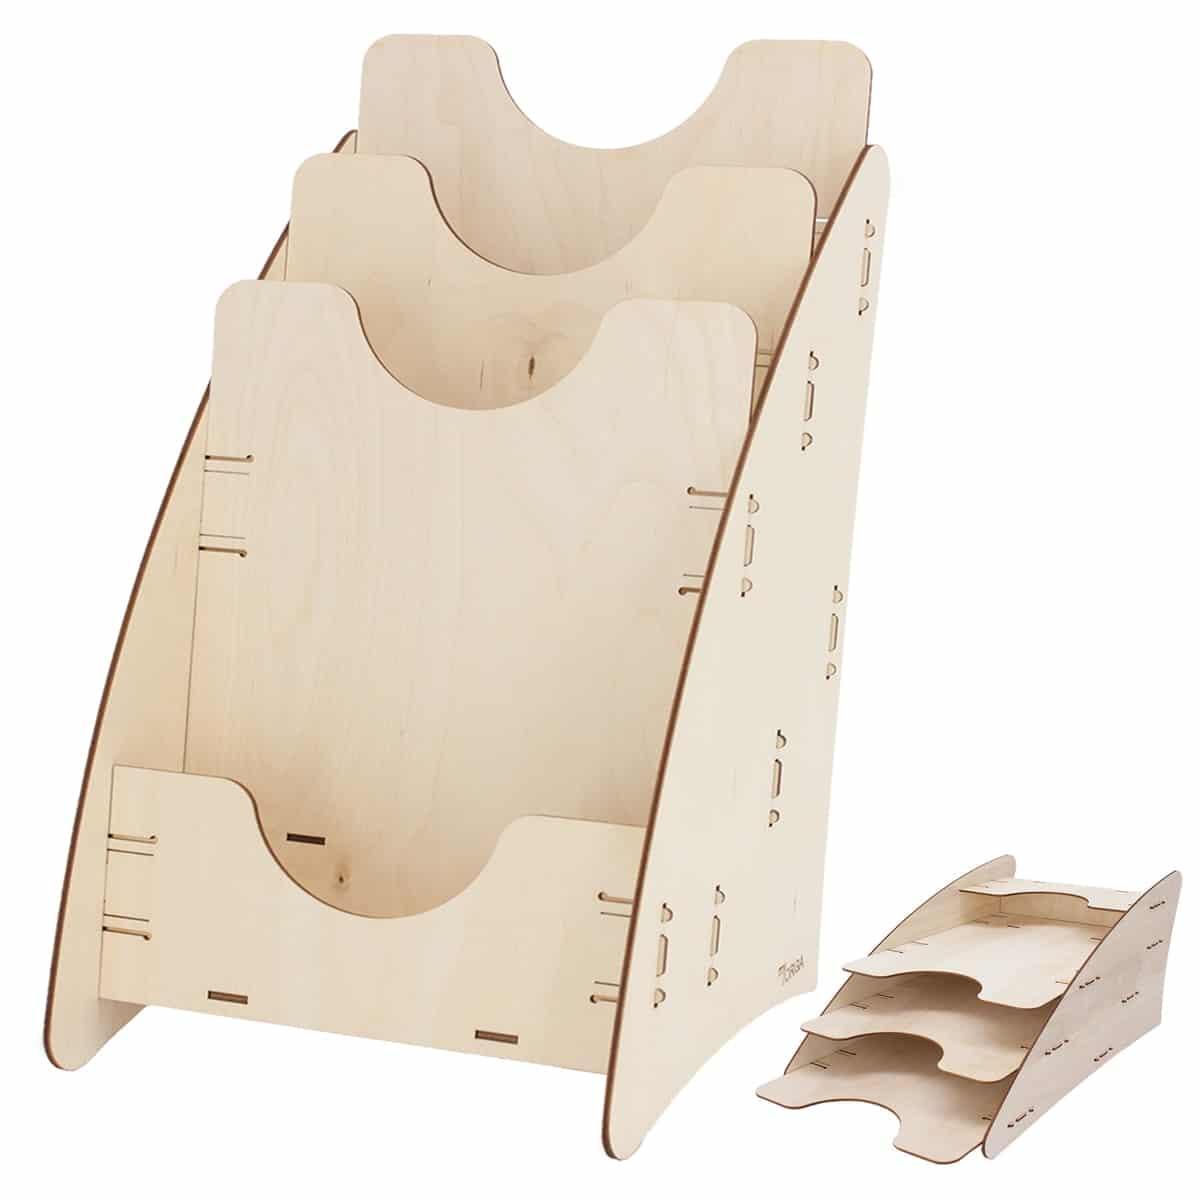 Prospektständer Display aus Holz – myORGA®